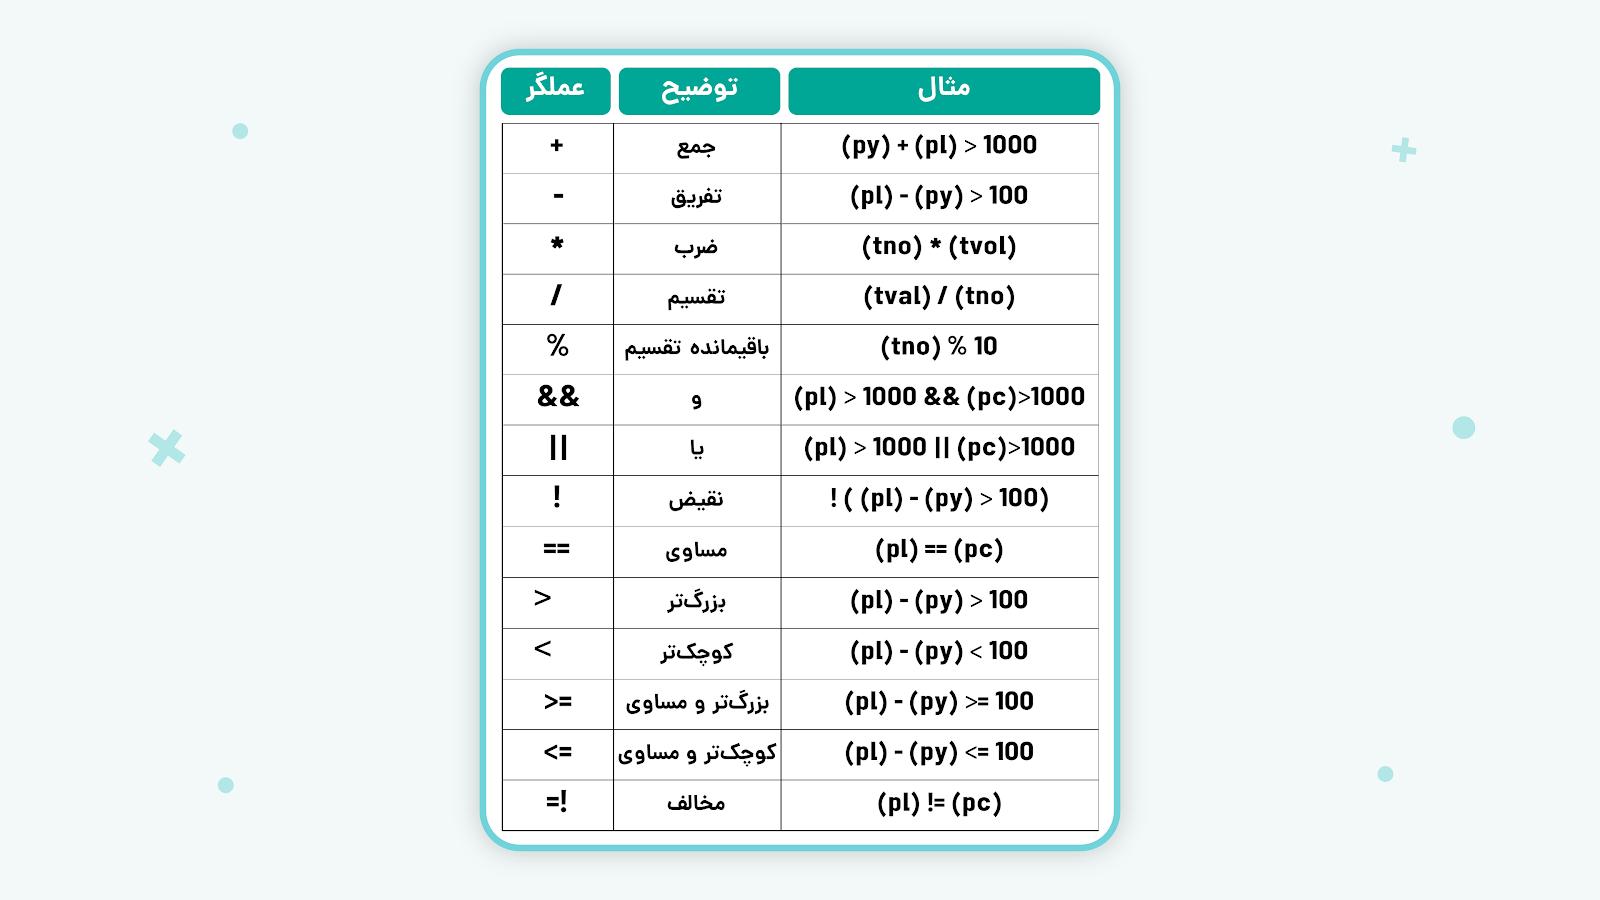 عملگرهای مورد استفاده در فیلتر نویسی